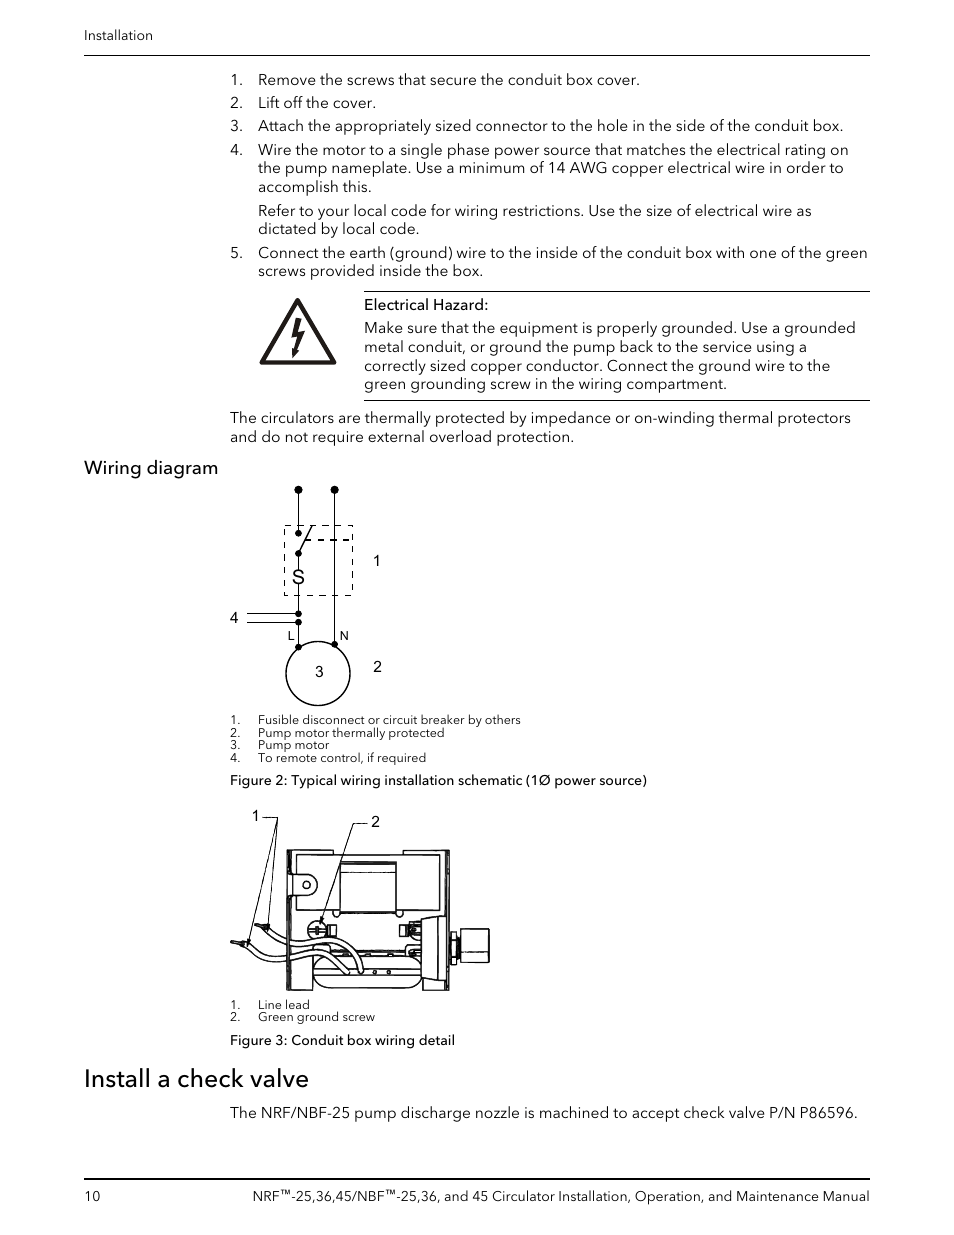 medium resolution of wiring diagram install a check valve bell gossett p86203f nbf cleaver brooks wiring diagram bell gossett wiring diagram